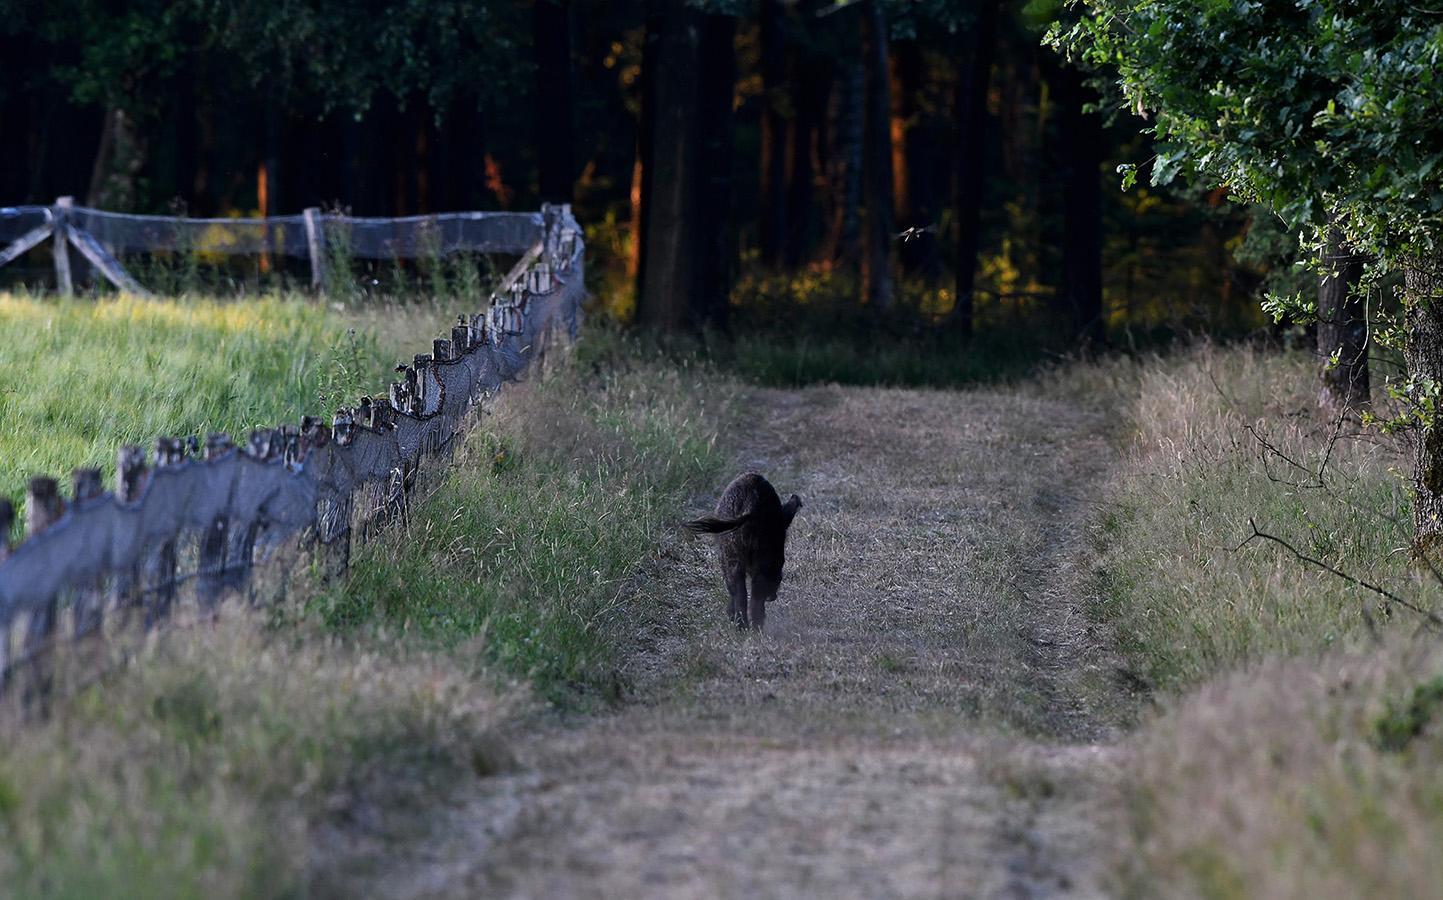 Ineens kwam er een wild zwijn uit het bos tevoorschijn - Foto: ©Louis Fraanje